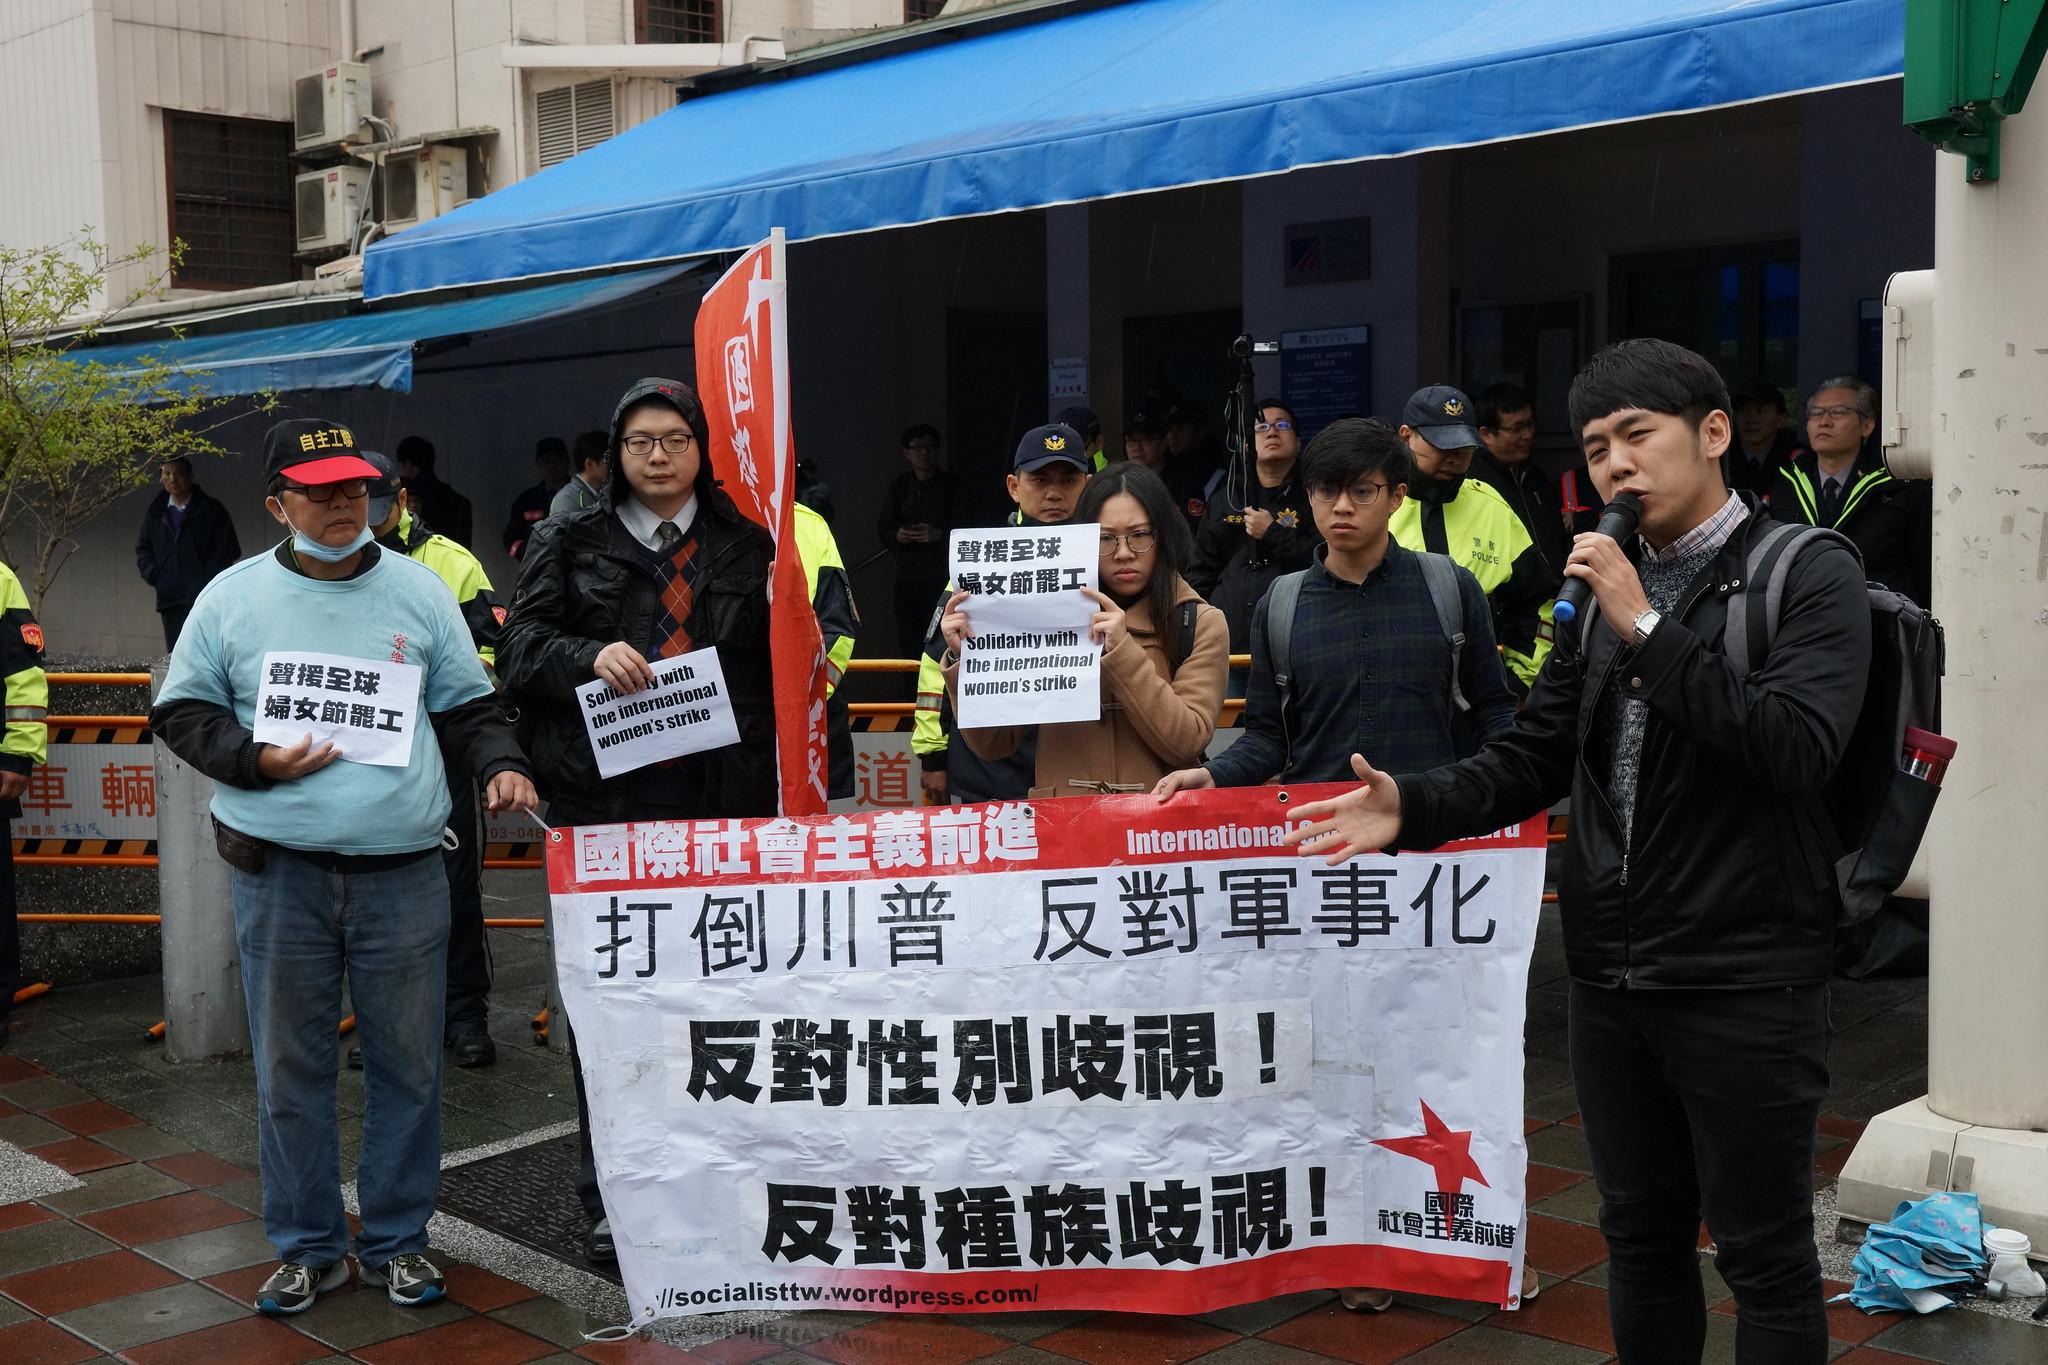 「國際社會主義前進」在AIT前反川普。(攝影:王顥中)